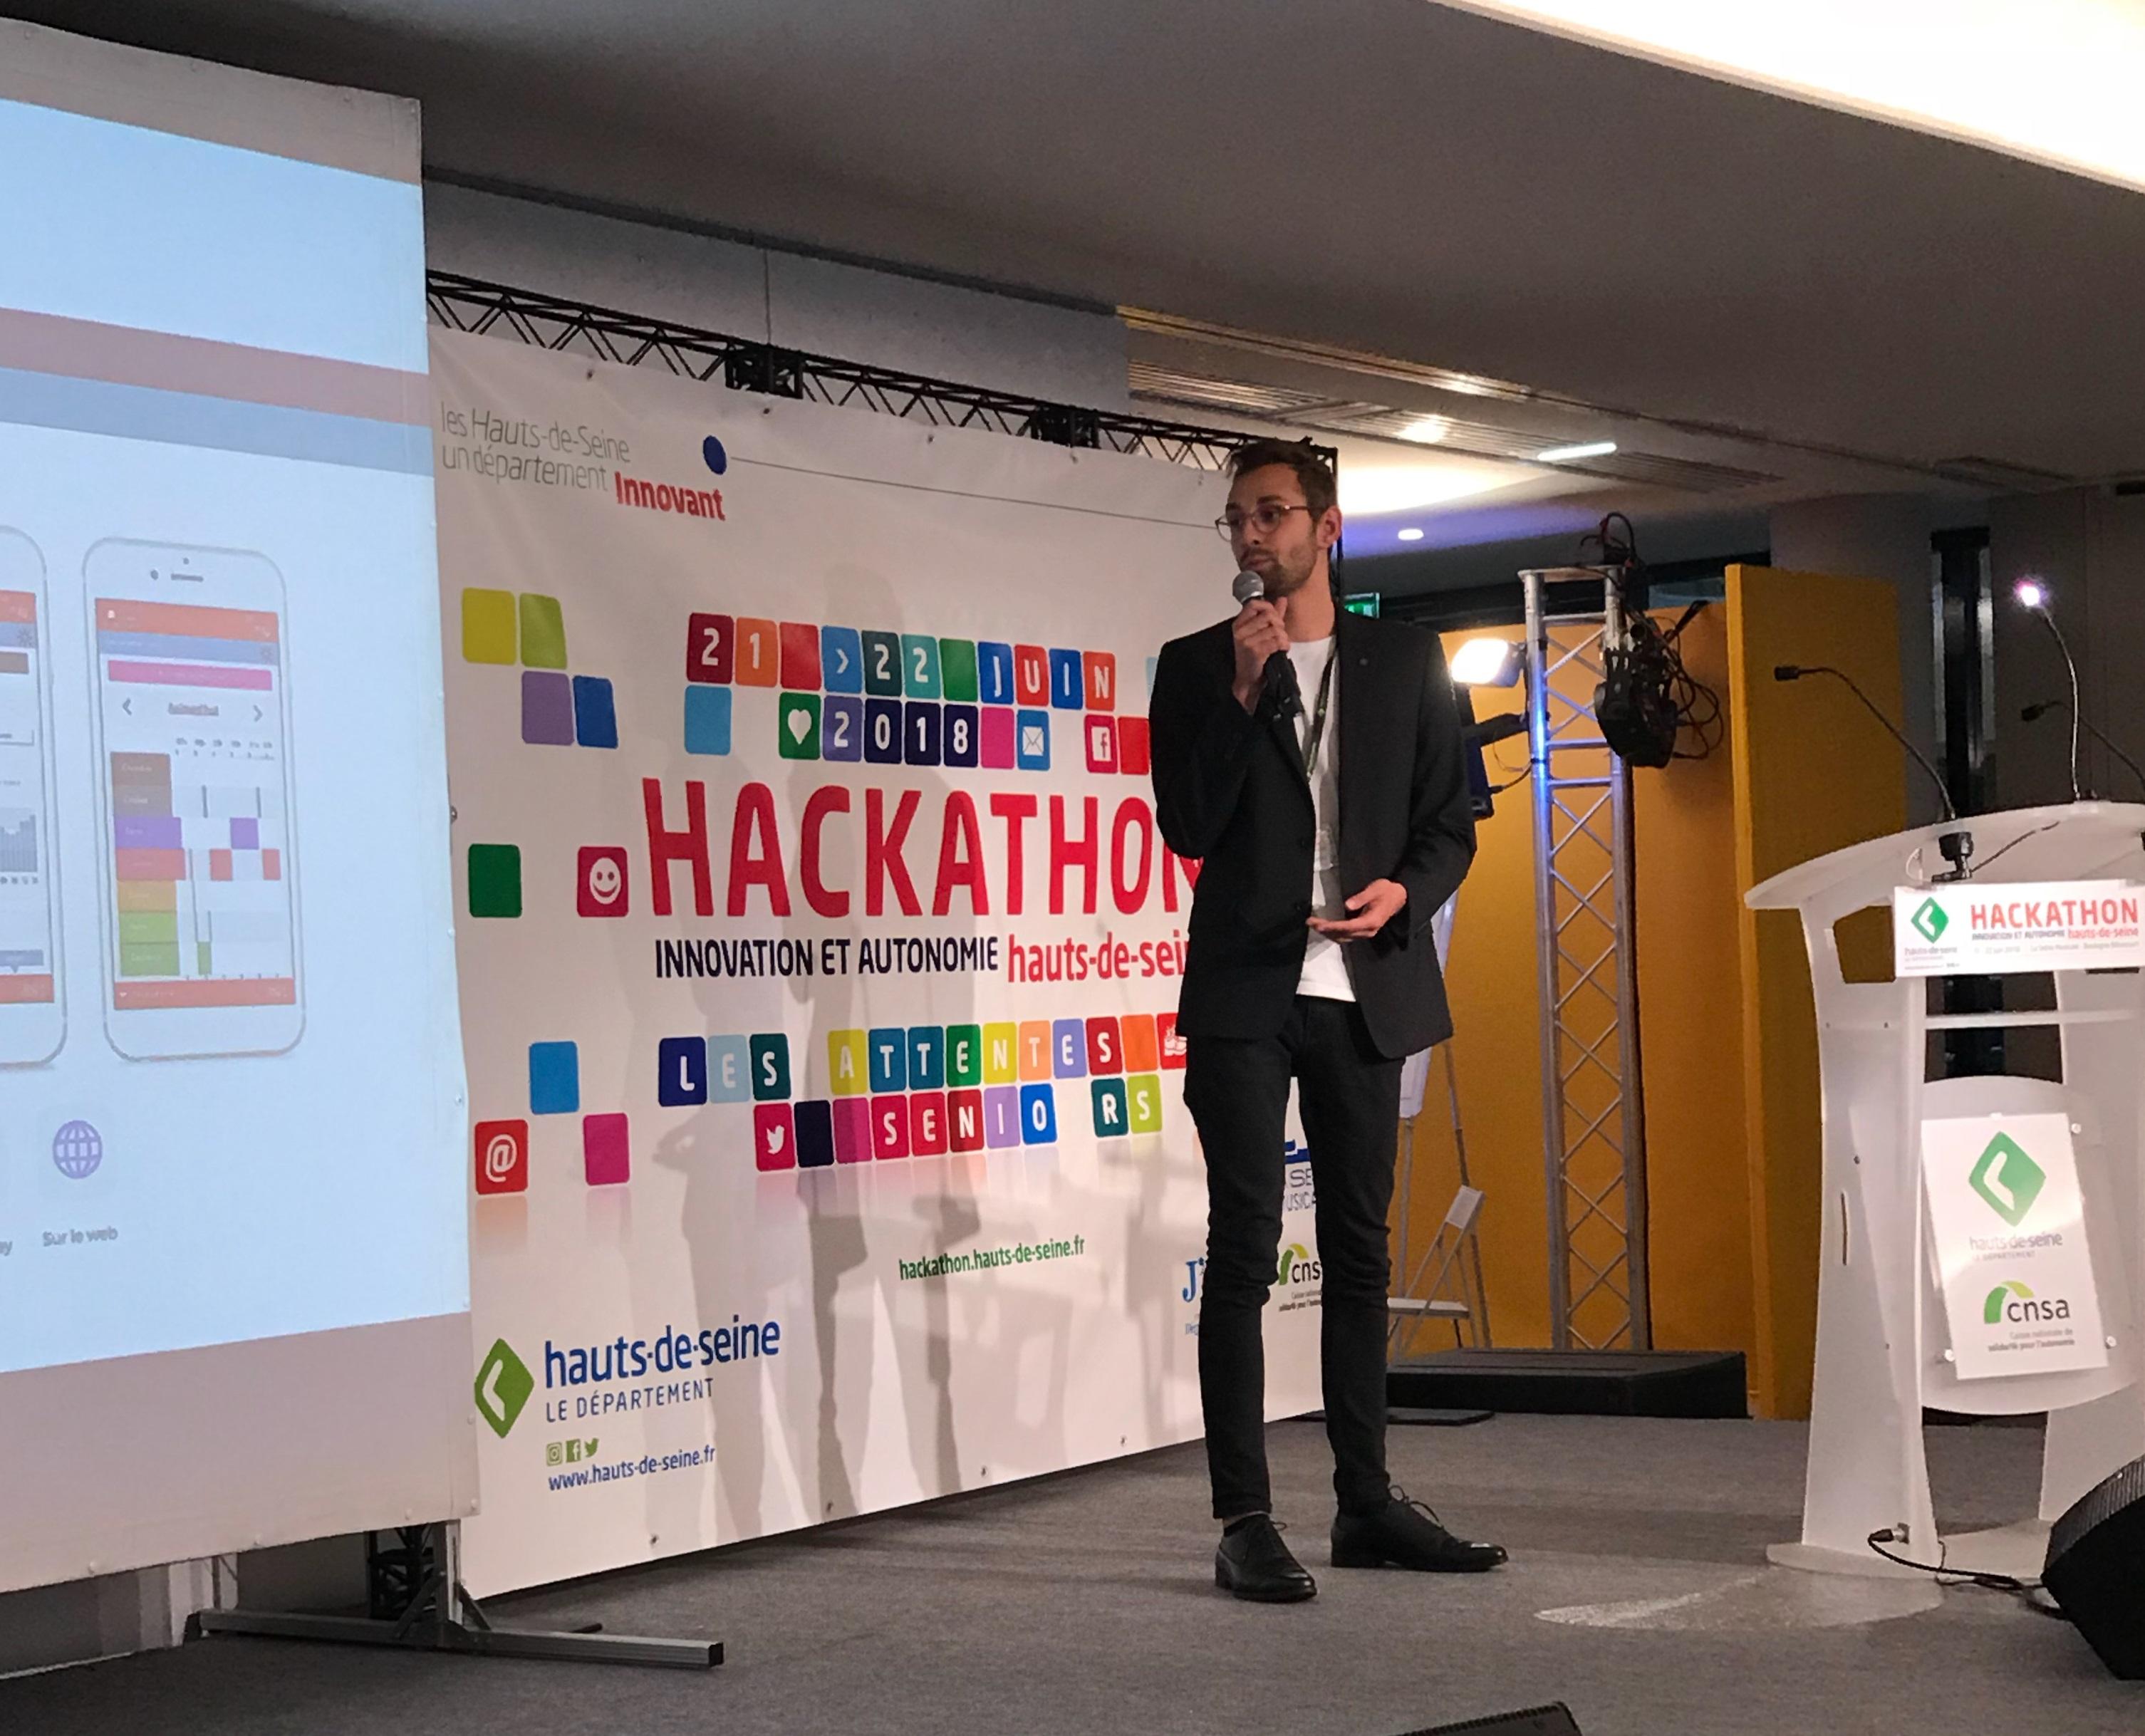 Hackathon Robin